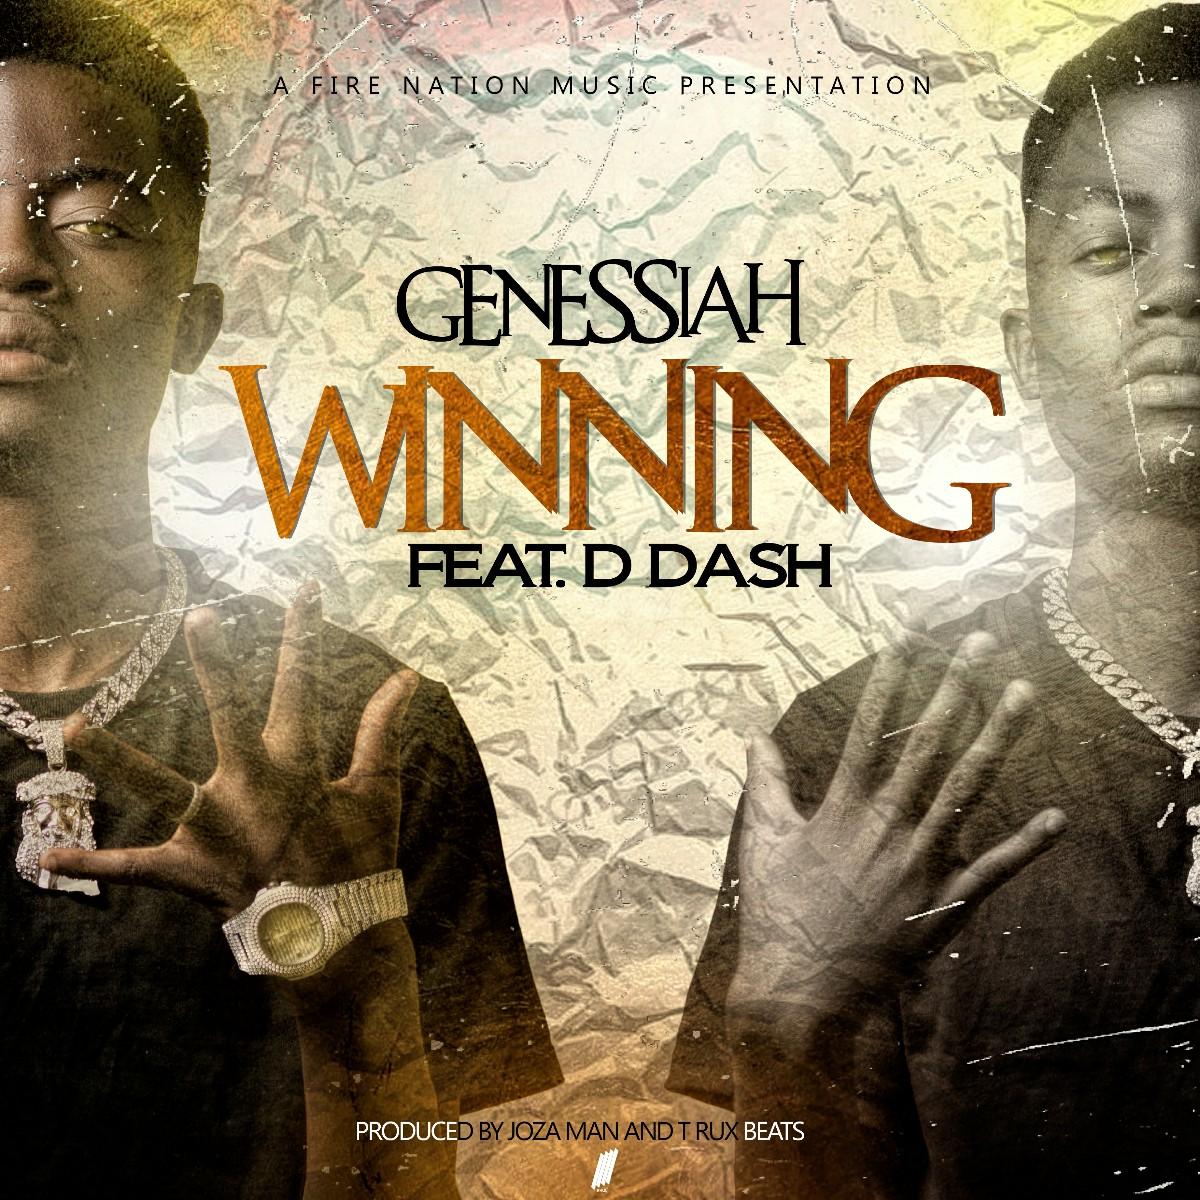 Genessiah ft. D Dash - Winning (Prod. Joza Man & T-Rux)